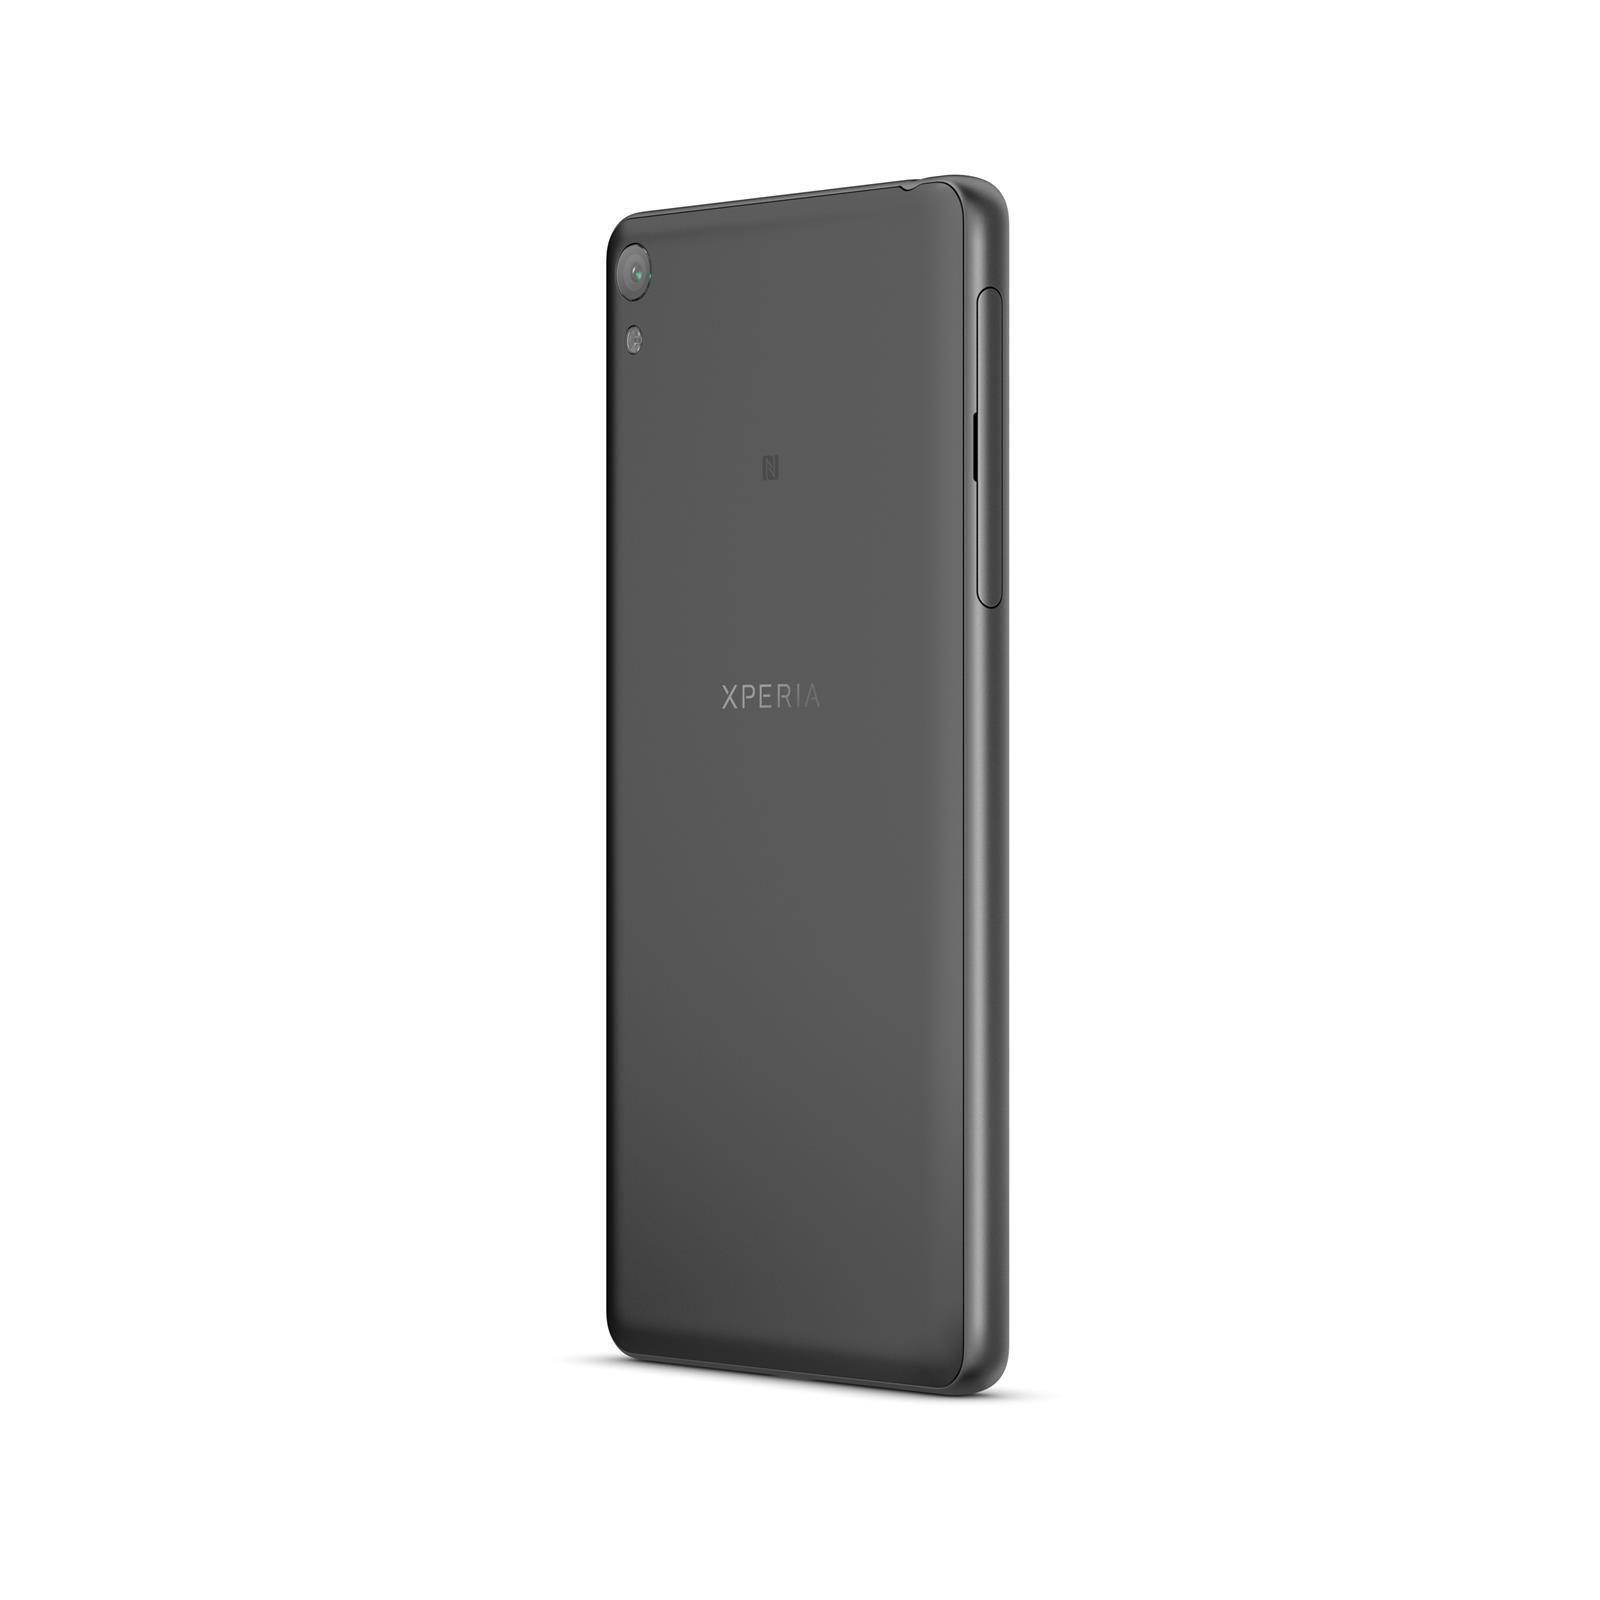 Sony Xperia E5 claims 2-day battery life - SlashGear